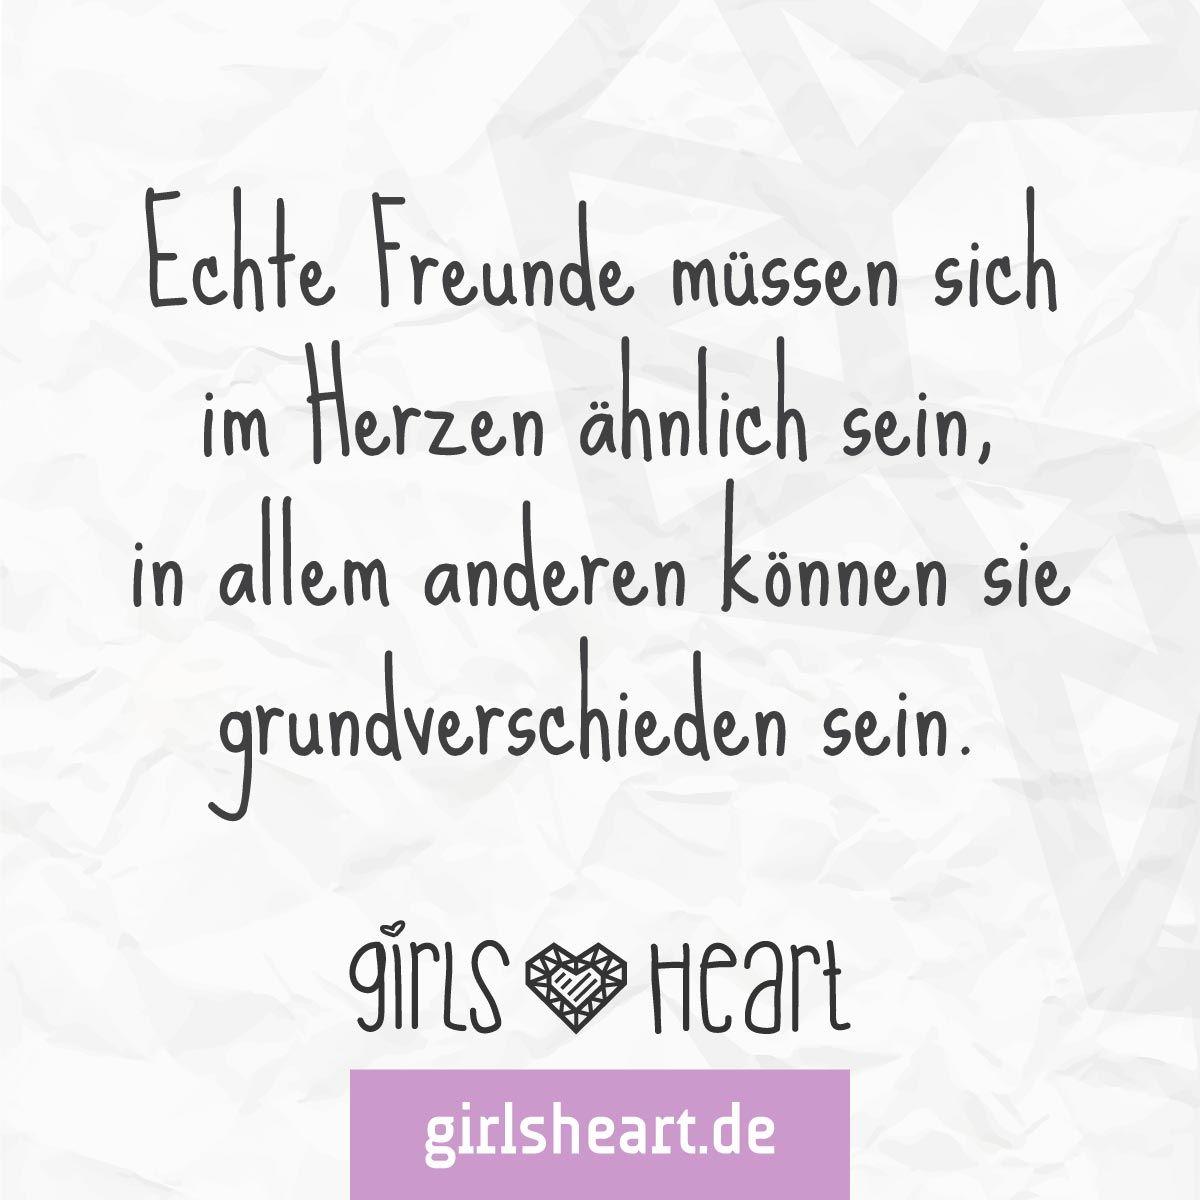 Auf echte Freunde! Mehr Sprüche auf: .girlsheart.de #freunde